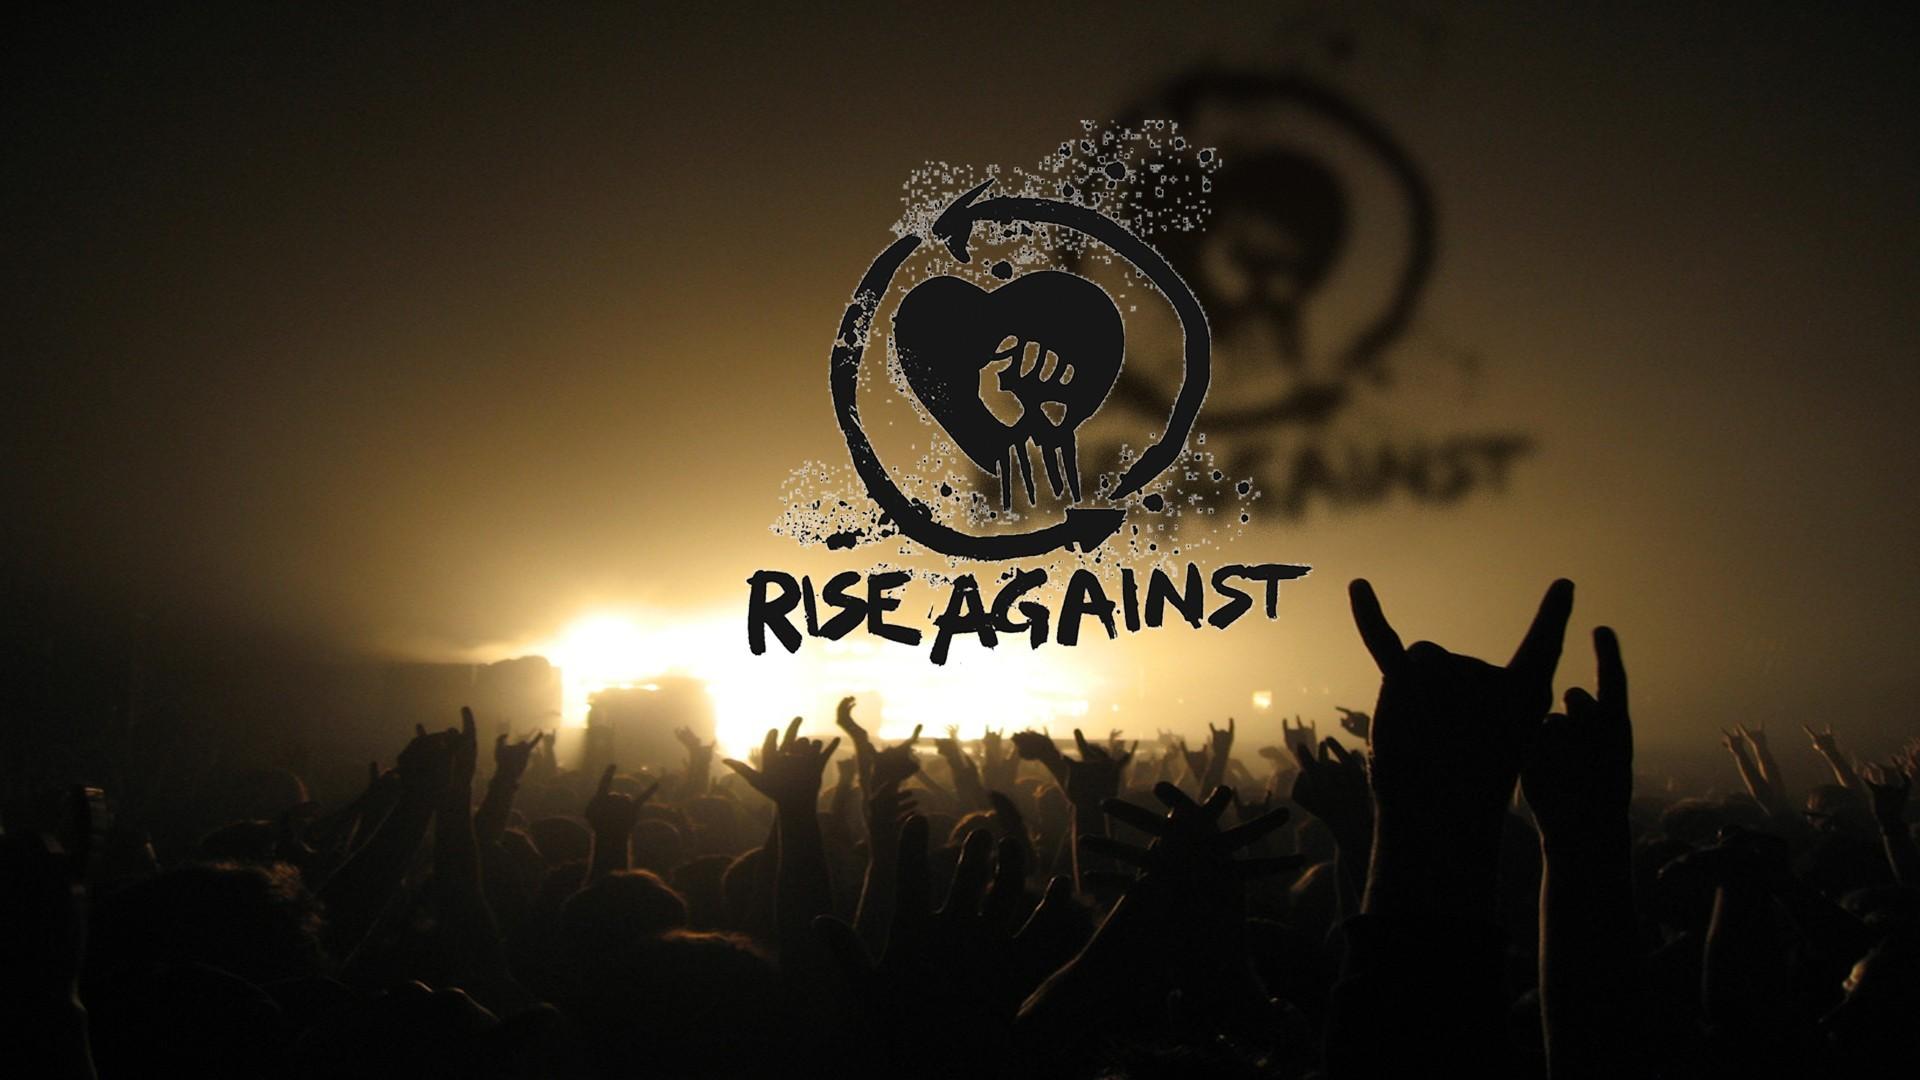 rise-against-wallpaper1-600×338